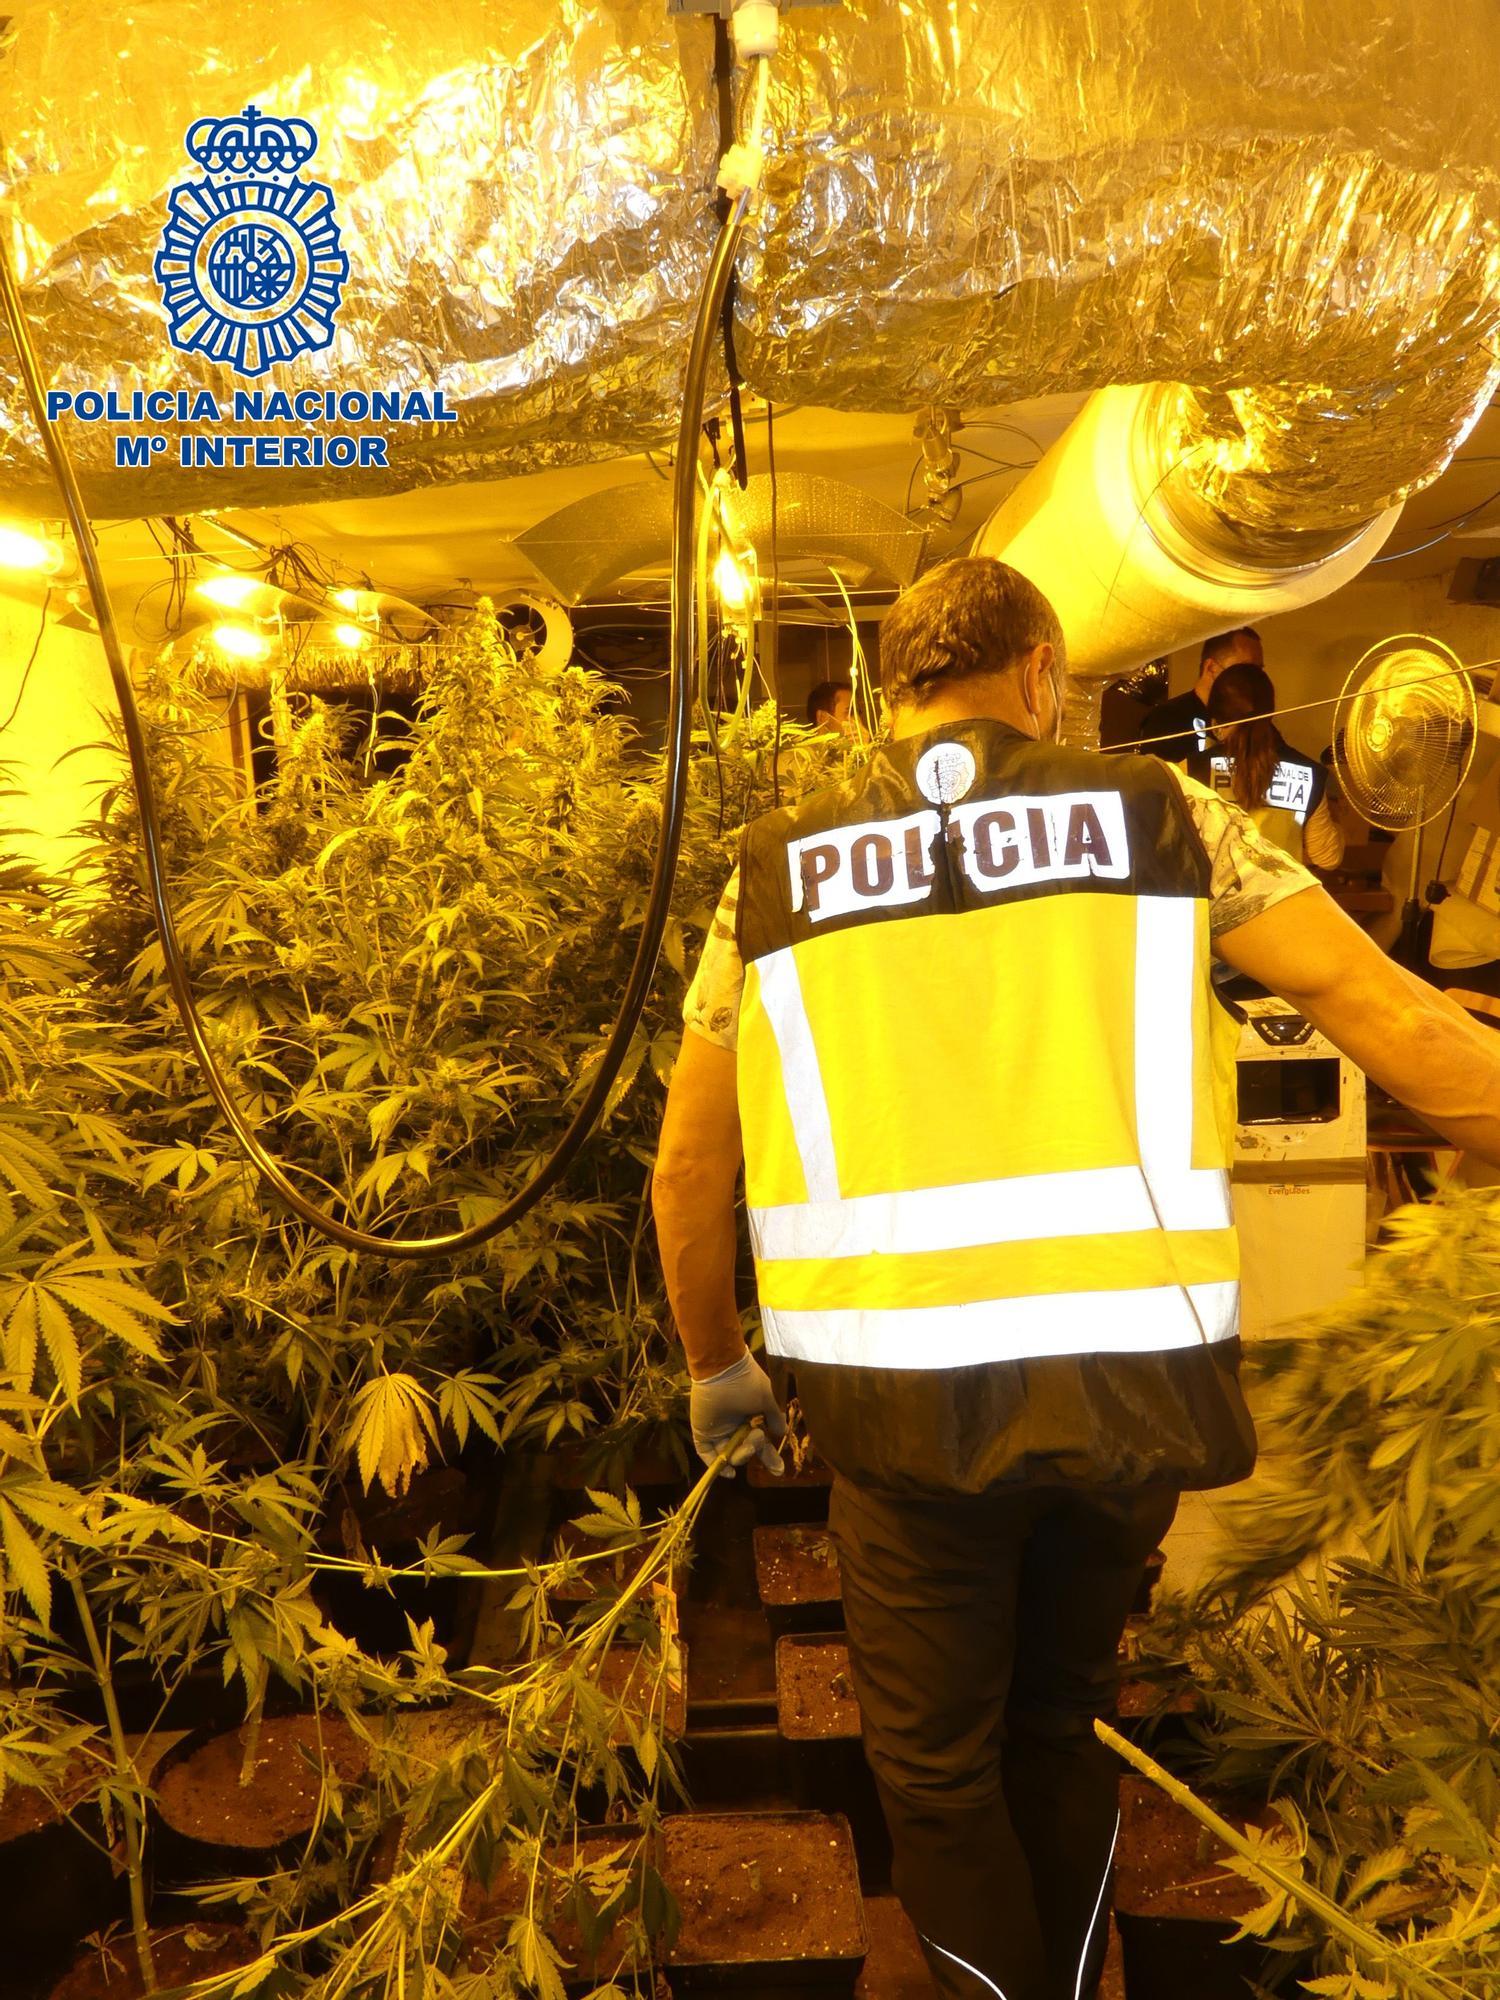 Localitzen una plantació de Marihuana a Lloret de Mar